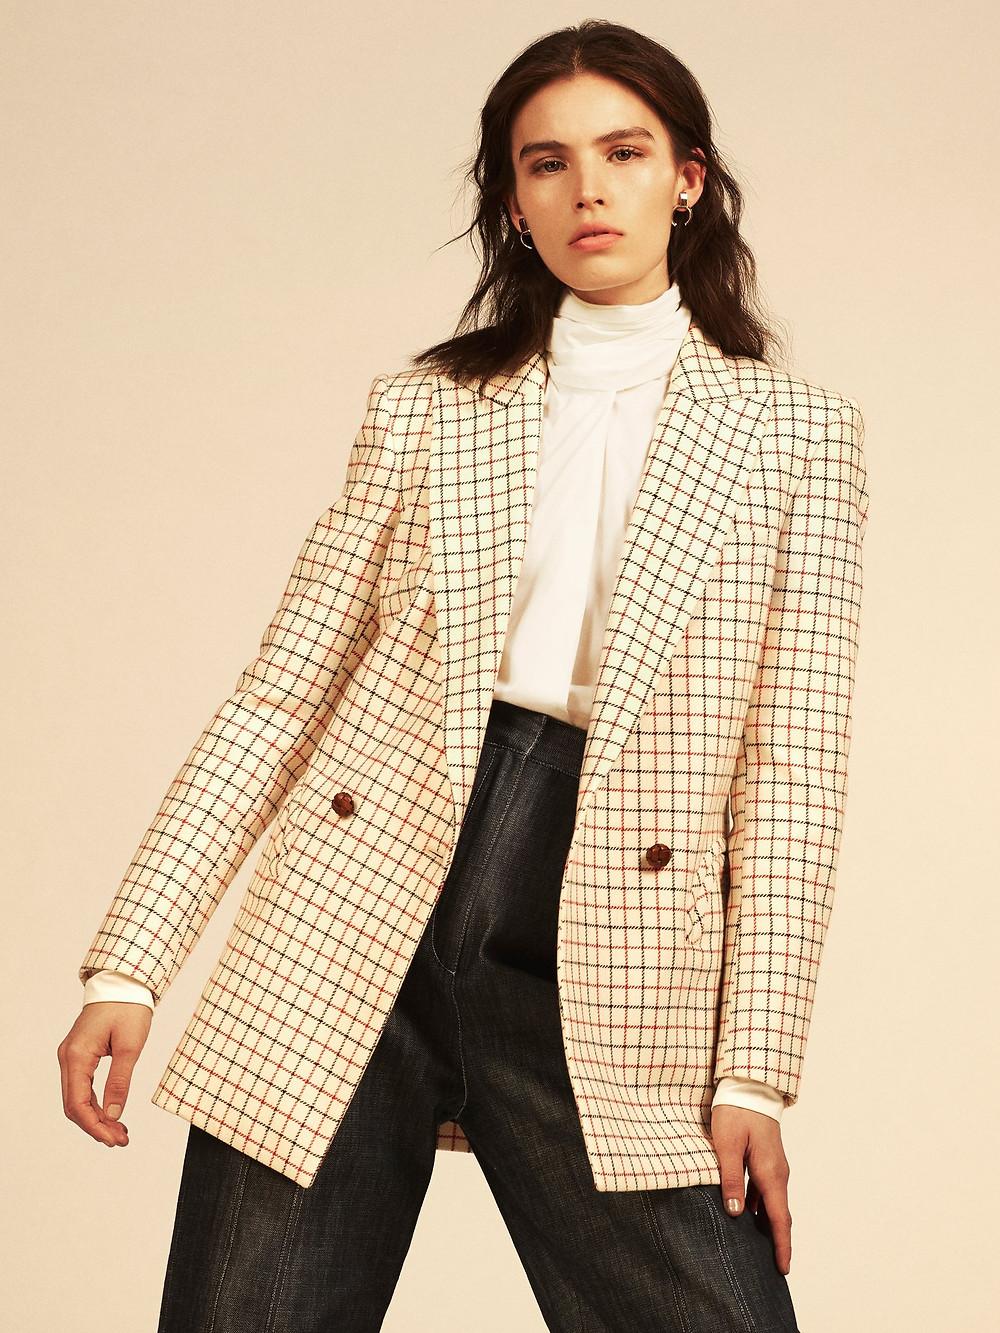 Blazé Milano Hello Dandy Everyday checked blazer $725